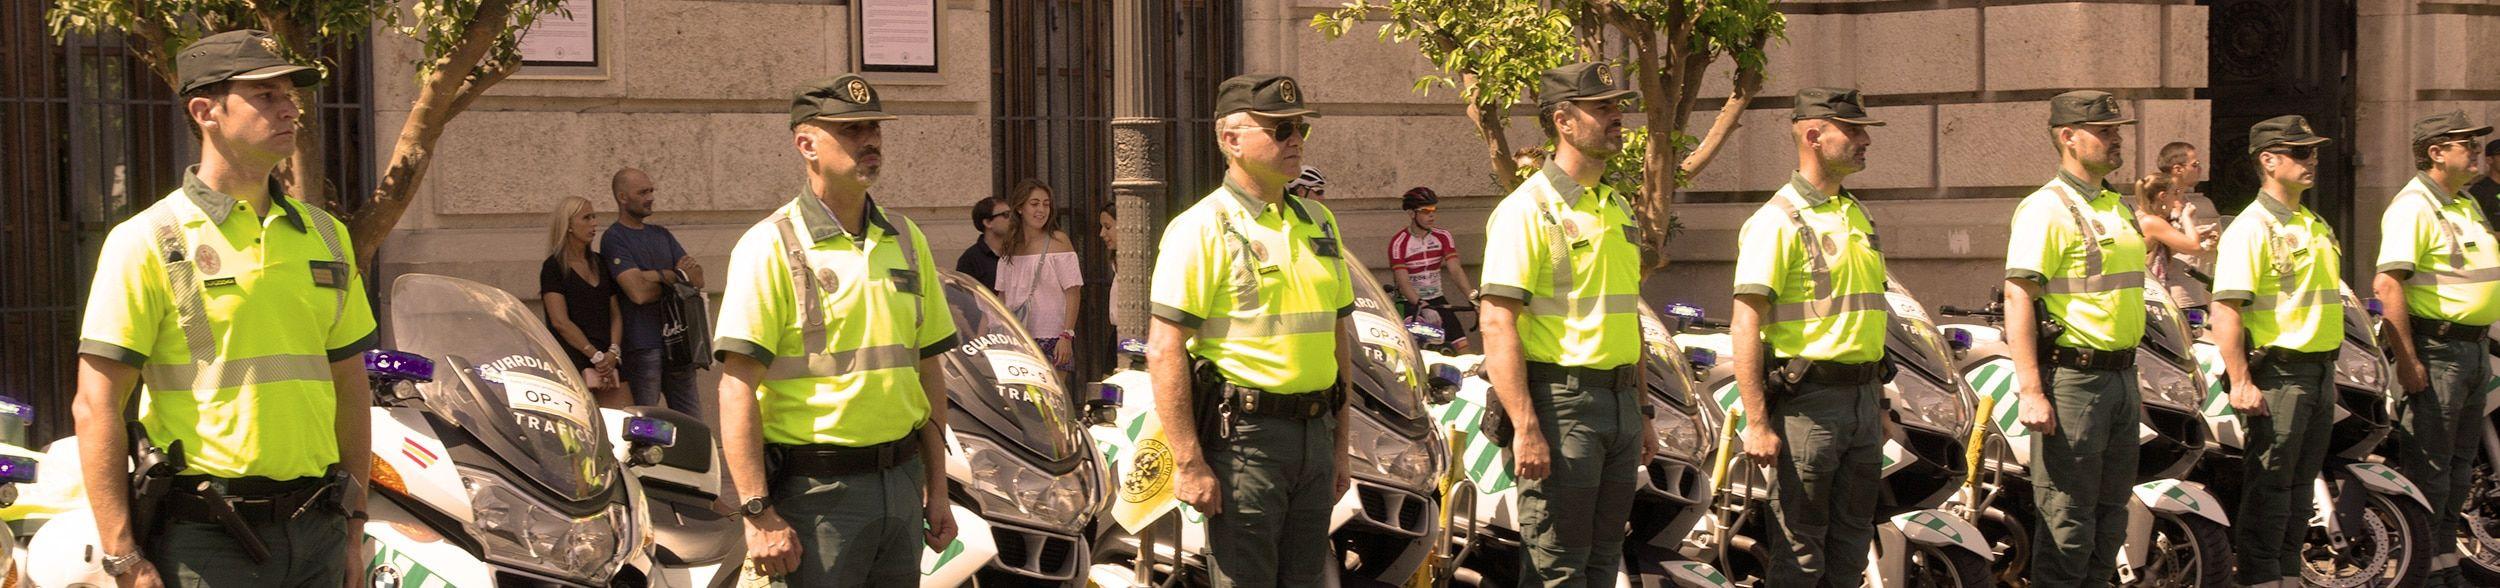 Academia TEBA   Oposiciones y Formación en Granada